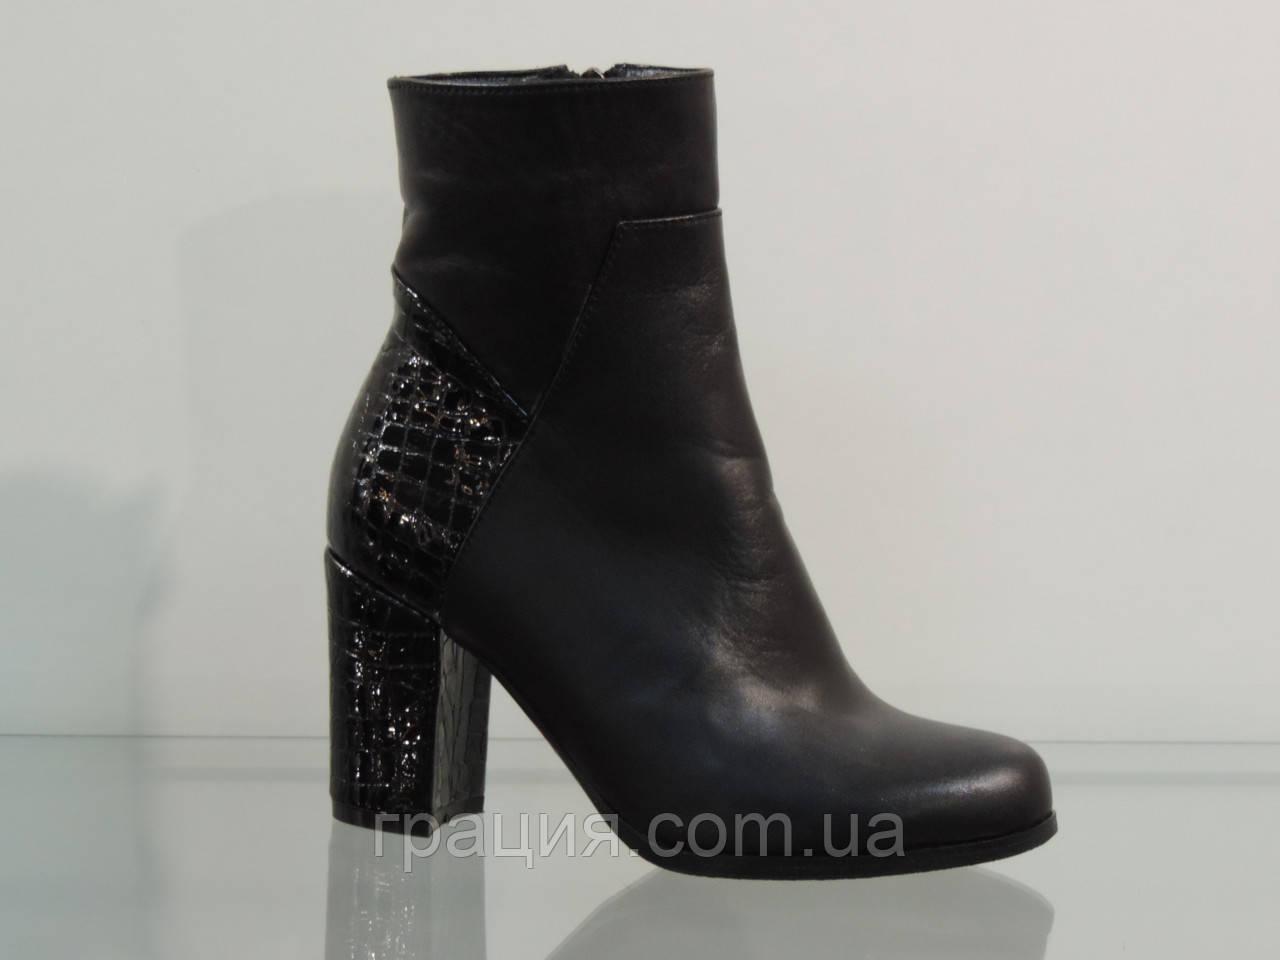 Модні черевички на більшому підборах шкіряні